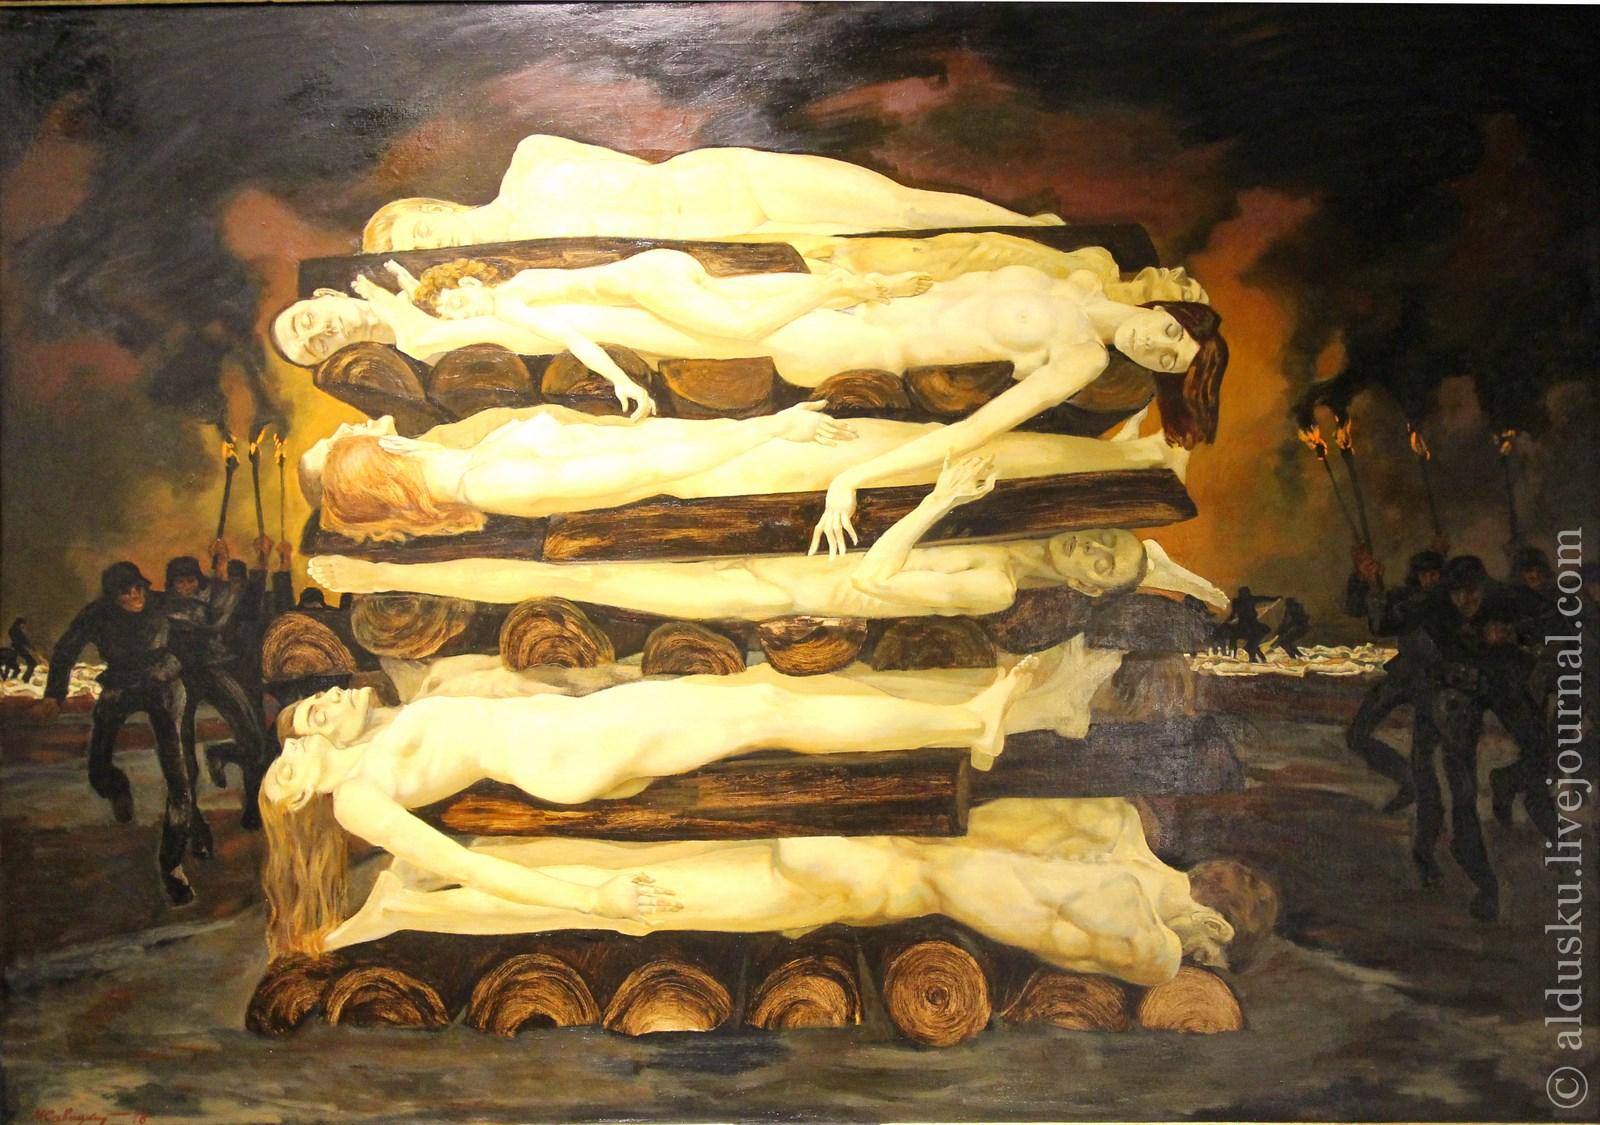 ТАНЕЦ С ФАКЕЛАМИ (1978)